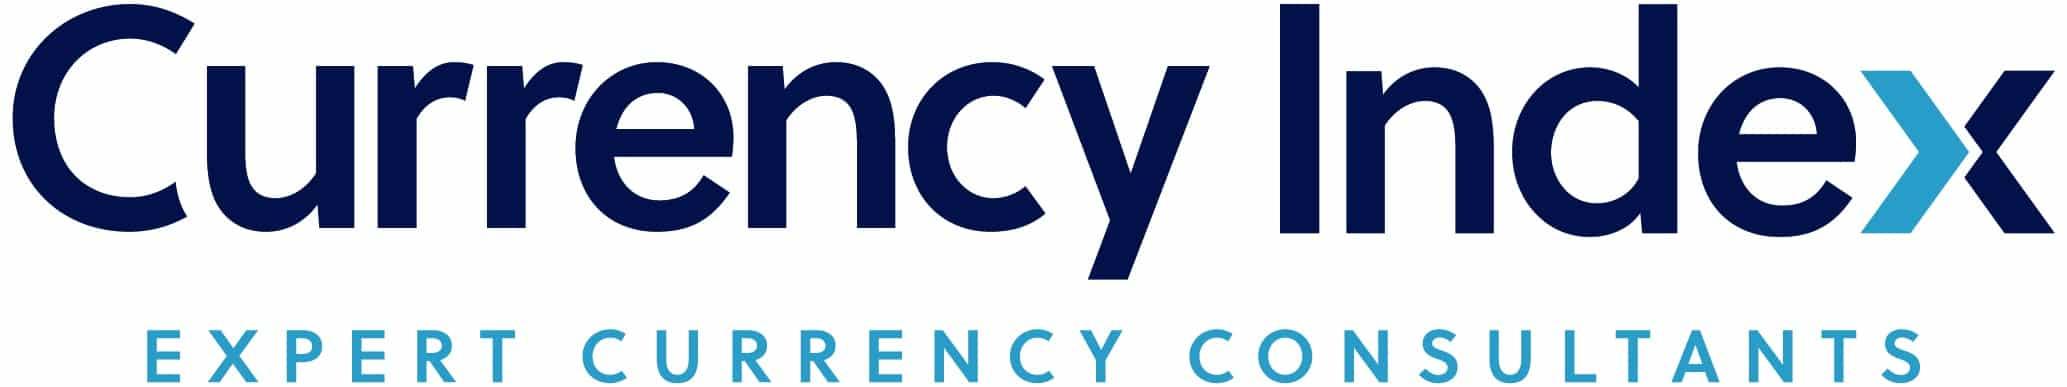 Valuuttaindeksin logo